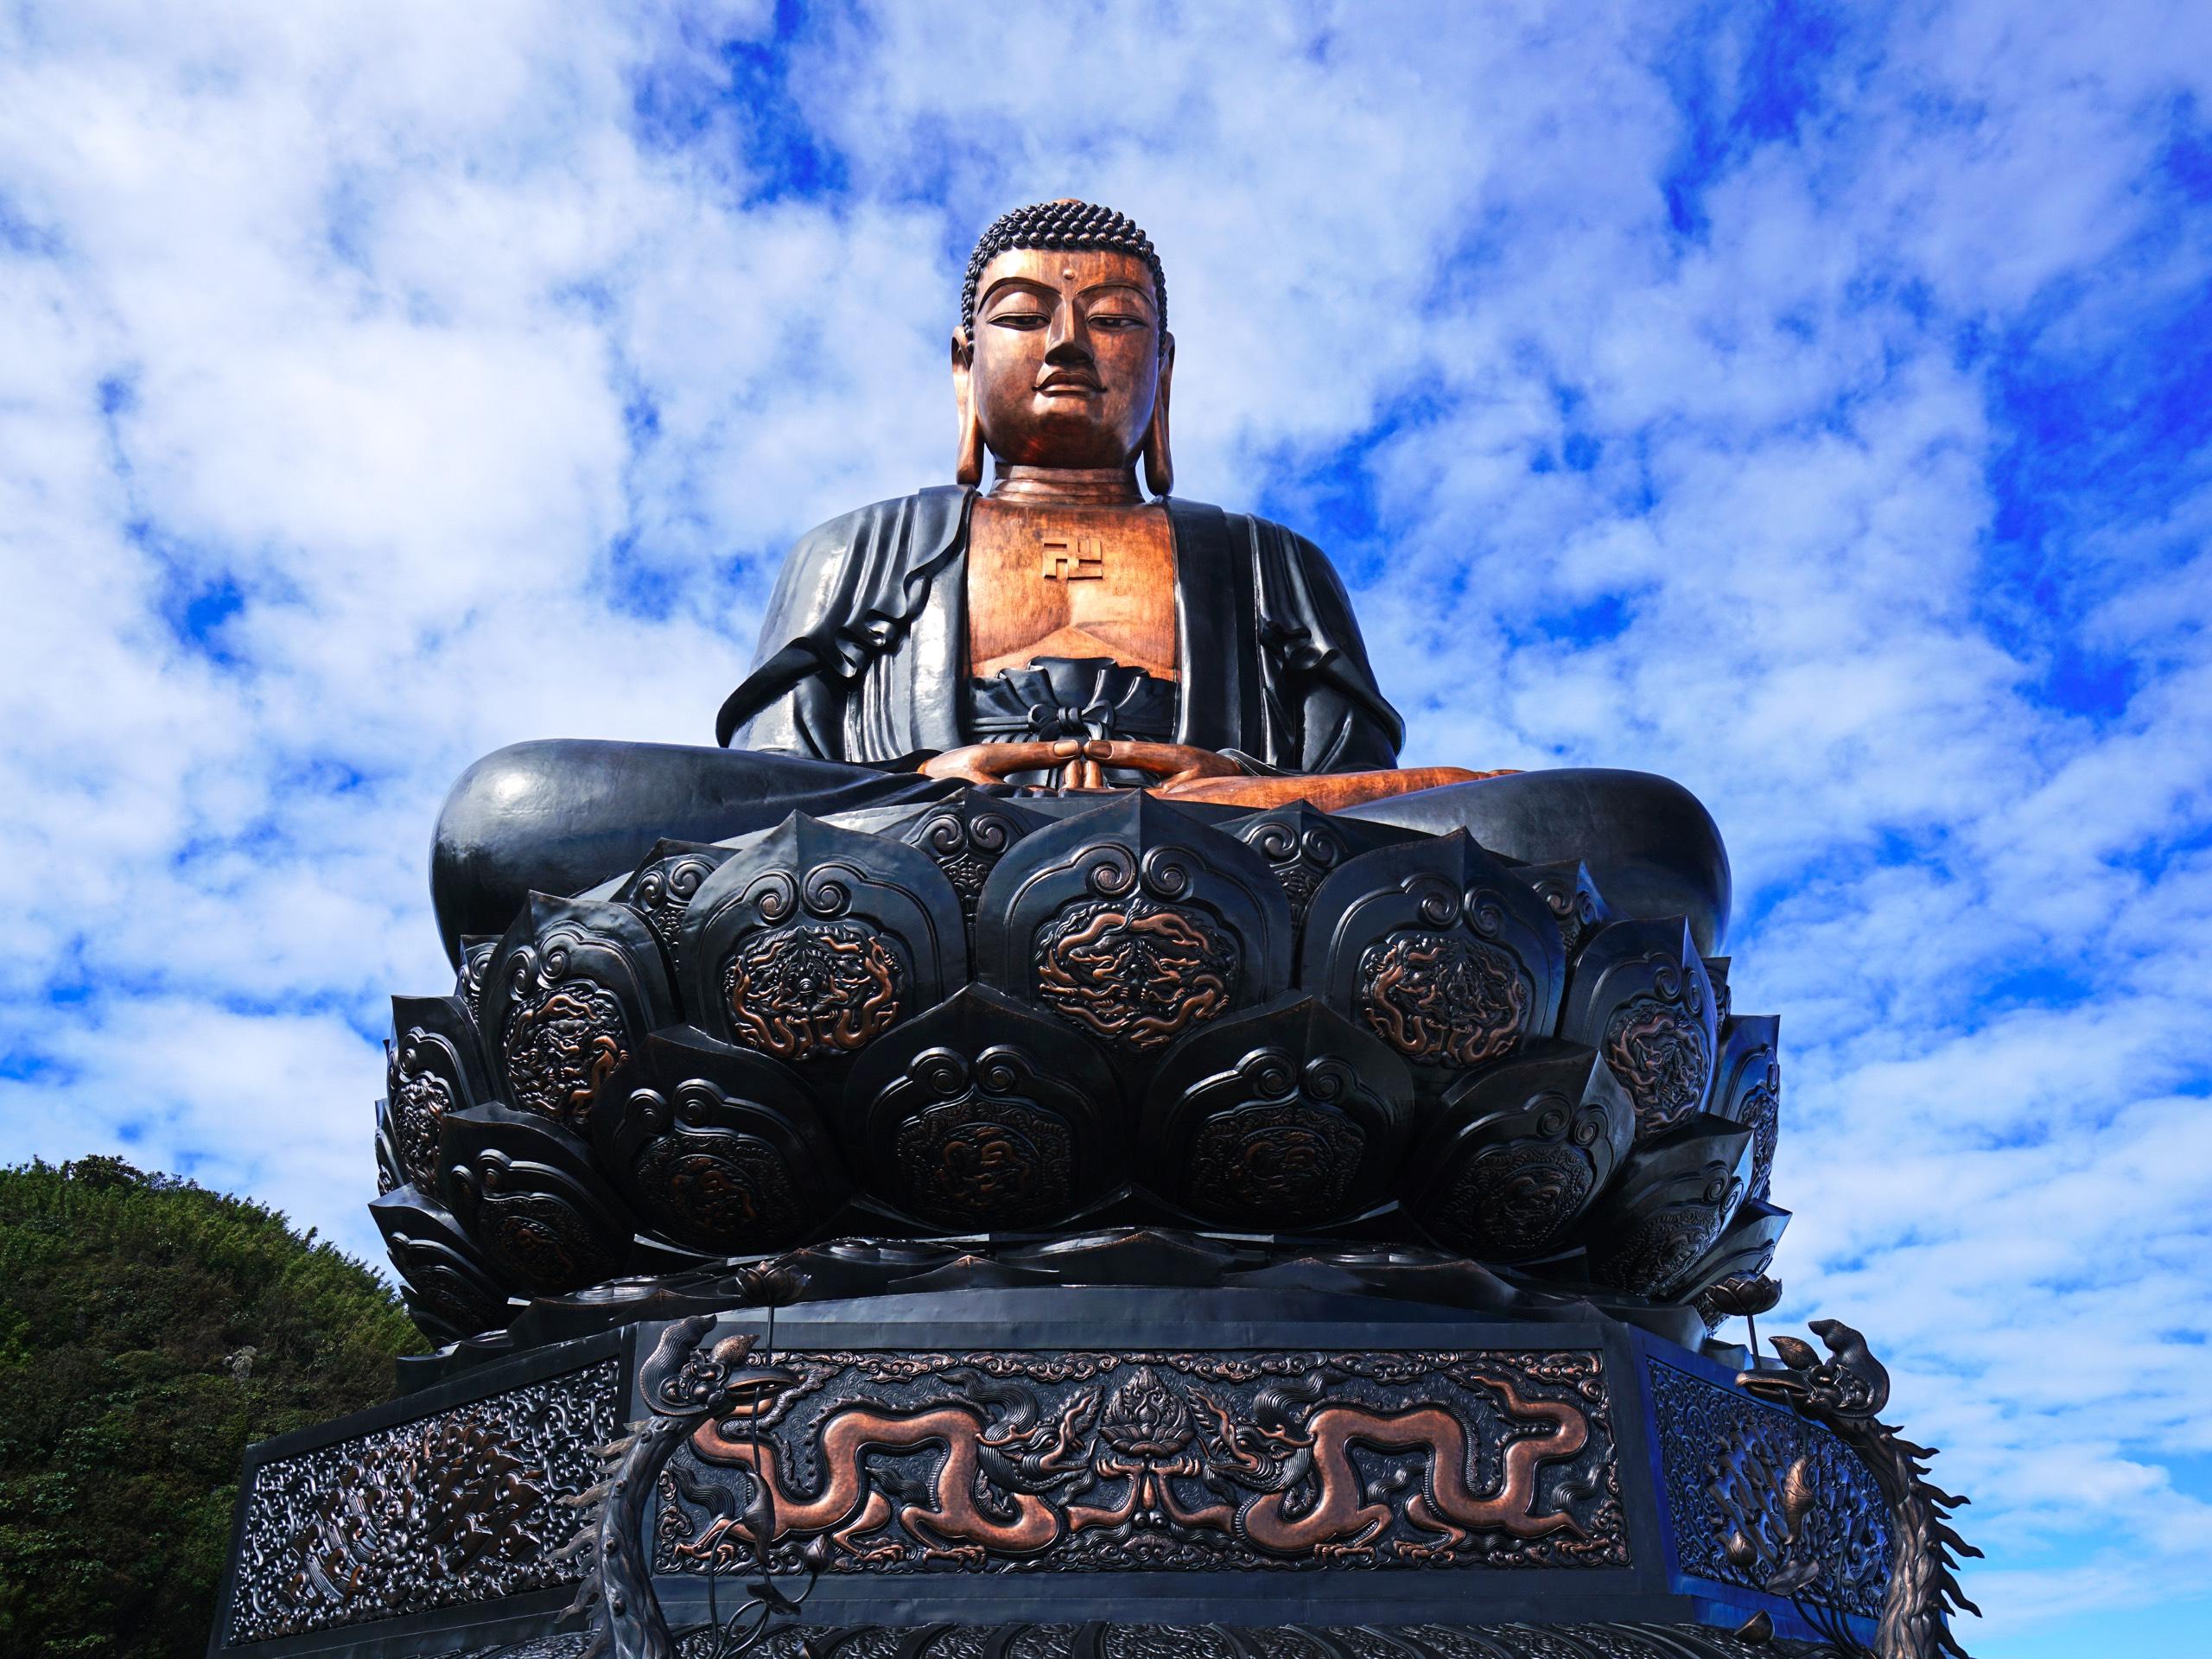 Đại tượng Phật A Di Đà cao 21,5m, tọa lạc tại độ cao 3.100m, được đúc từ hàng chục tấn đồng dày 5mm với thể tích gần 1.000m3